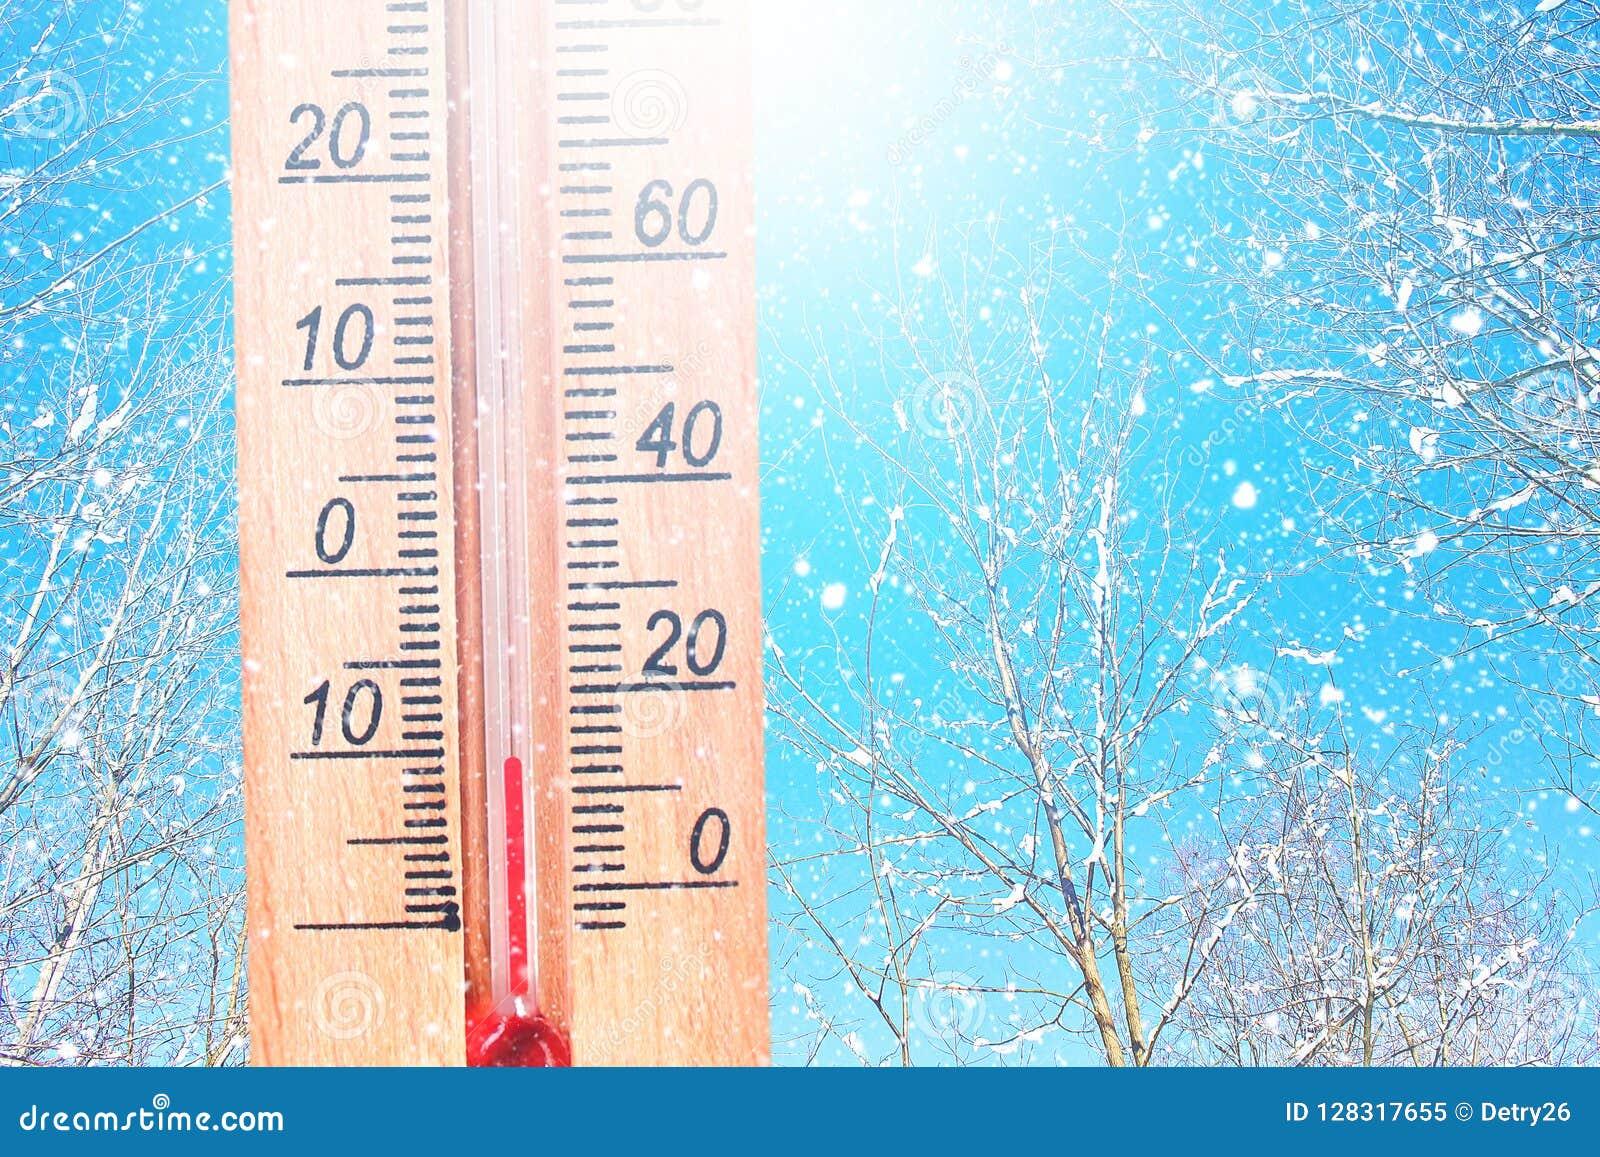 Temps froid d hiver - 10 degrés de Celsius Le thermomètre par temps givré d hiver dans la neige montre de basses températures - s